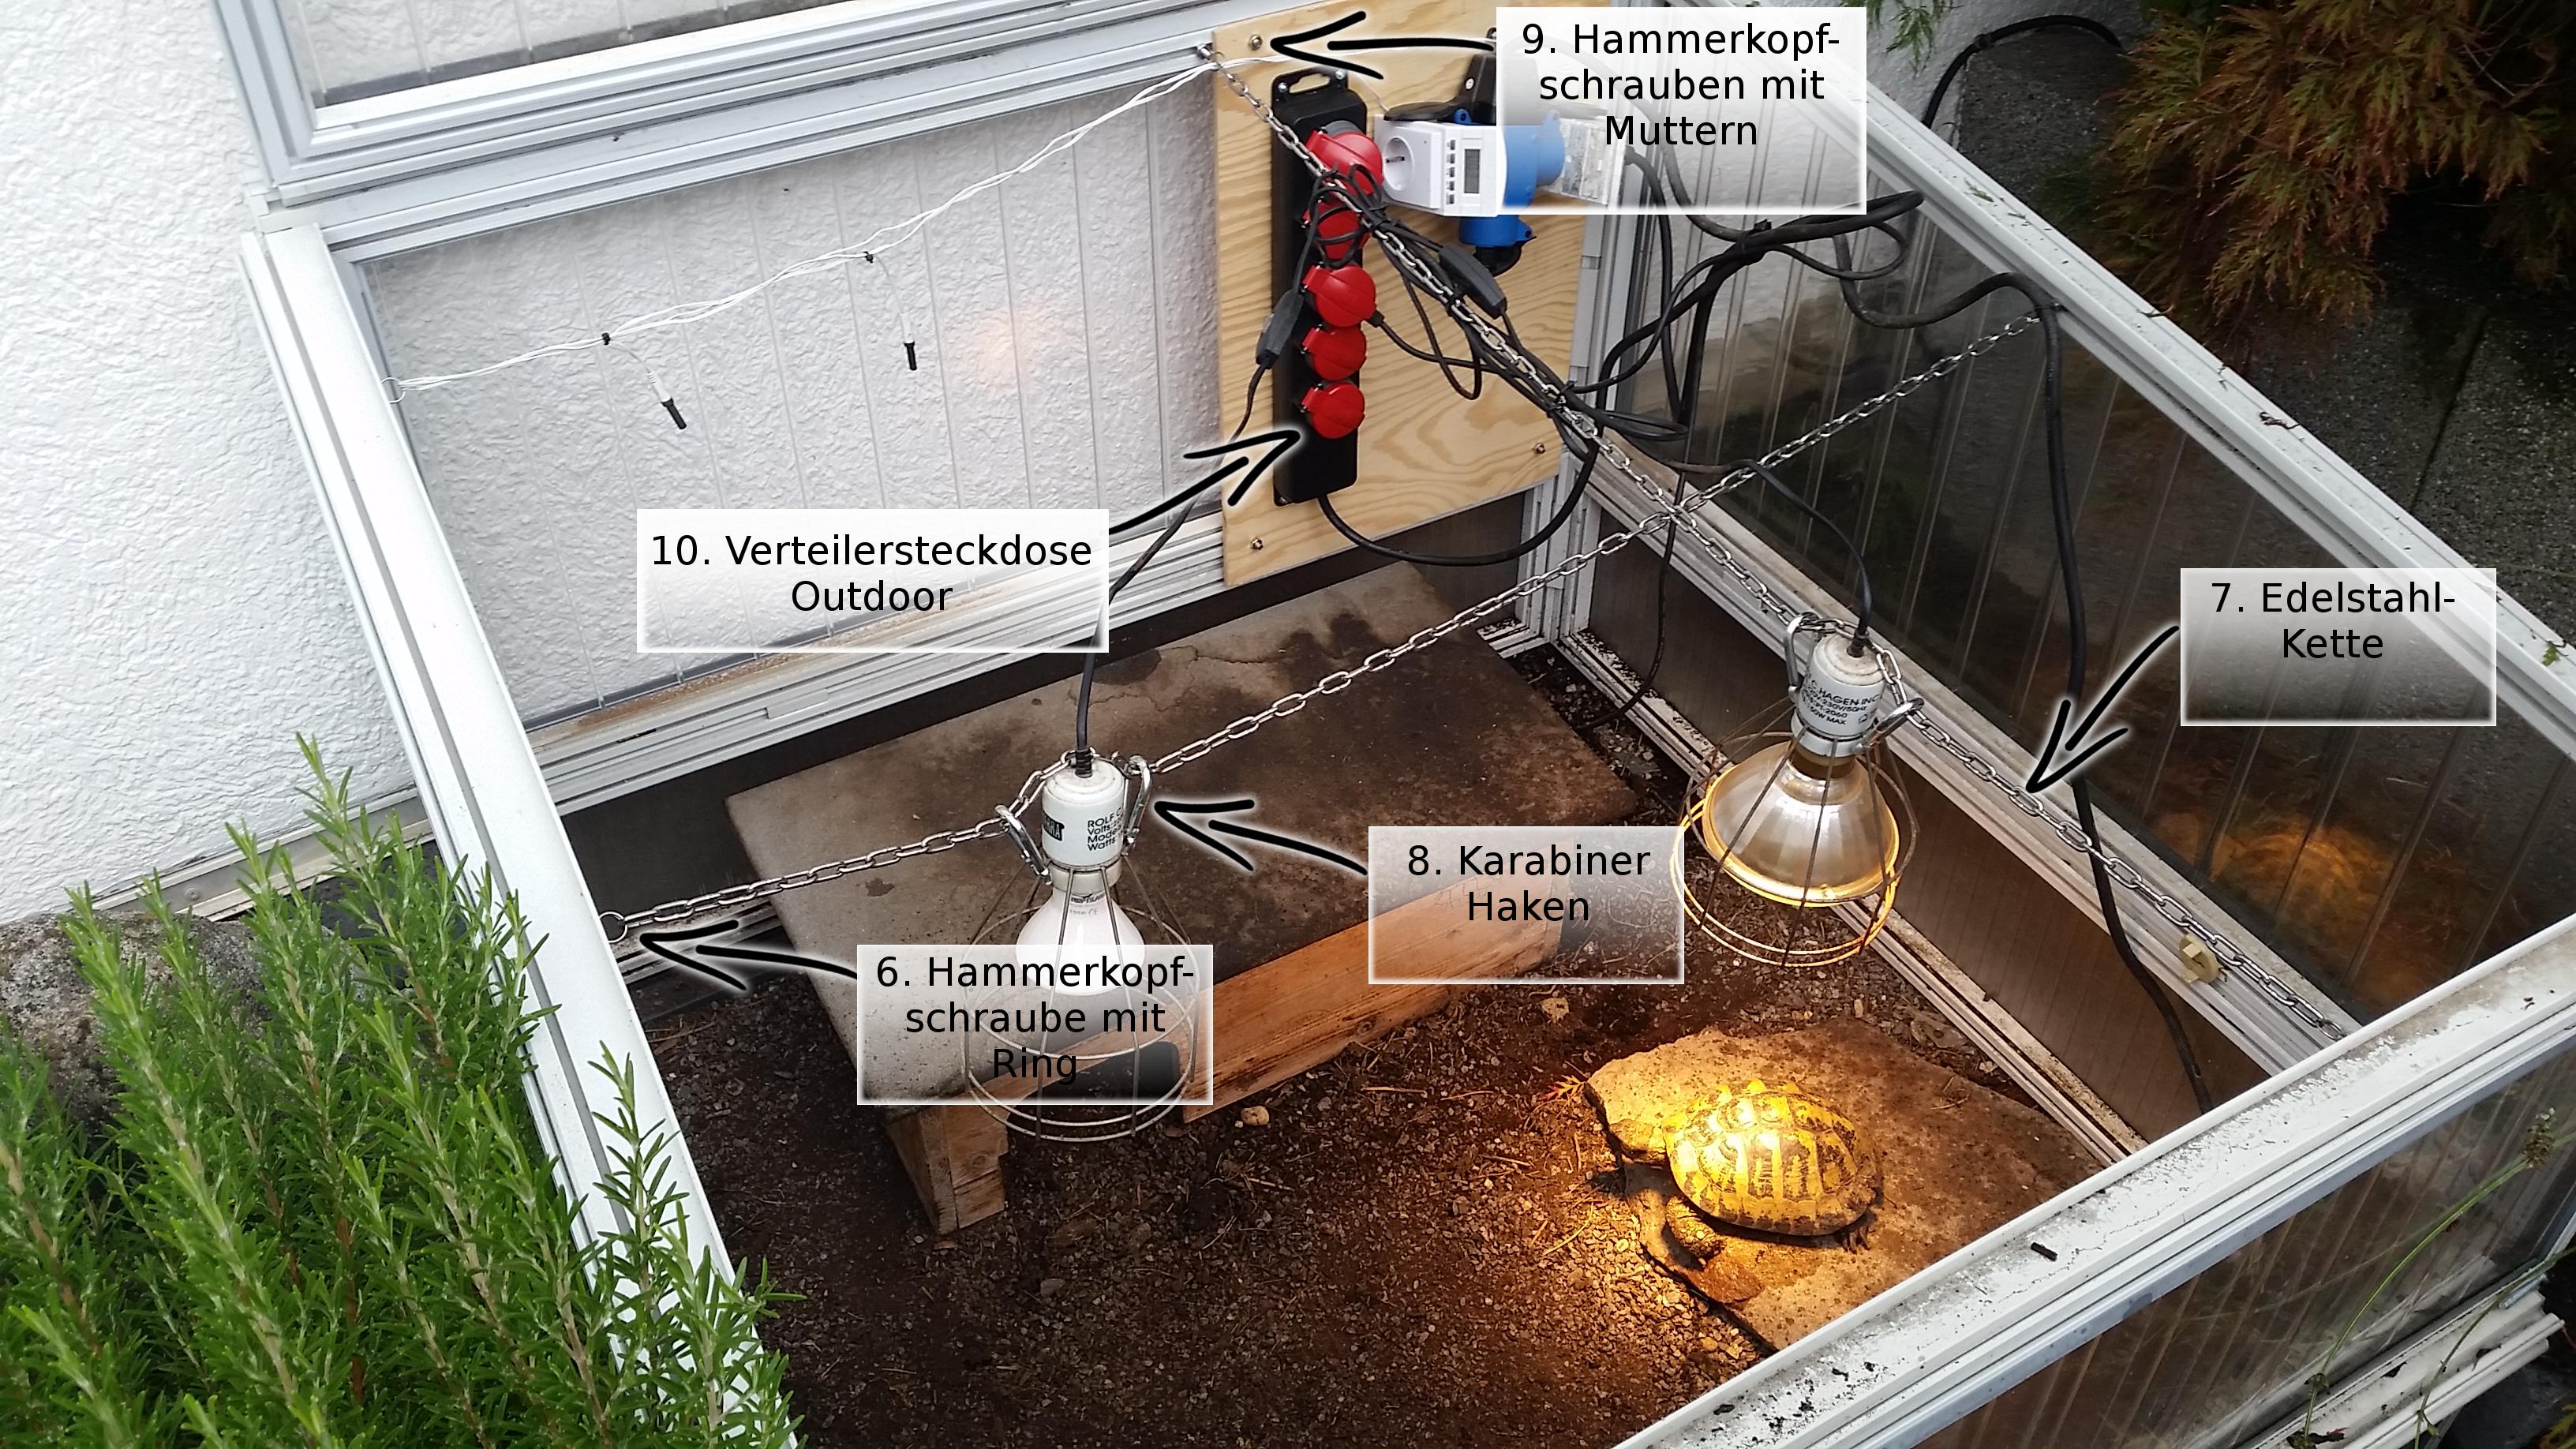 Werschildkröten Beleuchtung Dauer | Befestigung Der Lampen Und Strahler Im Fruhbeet Landschildkroeten De